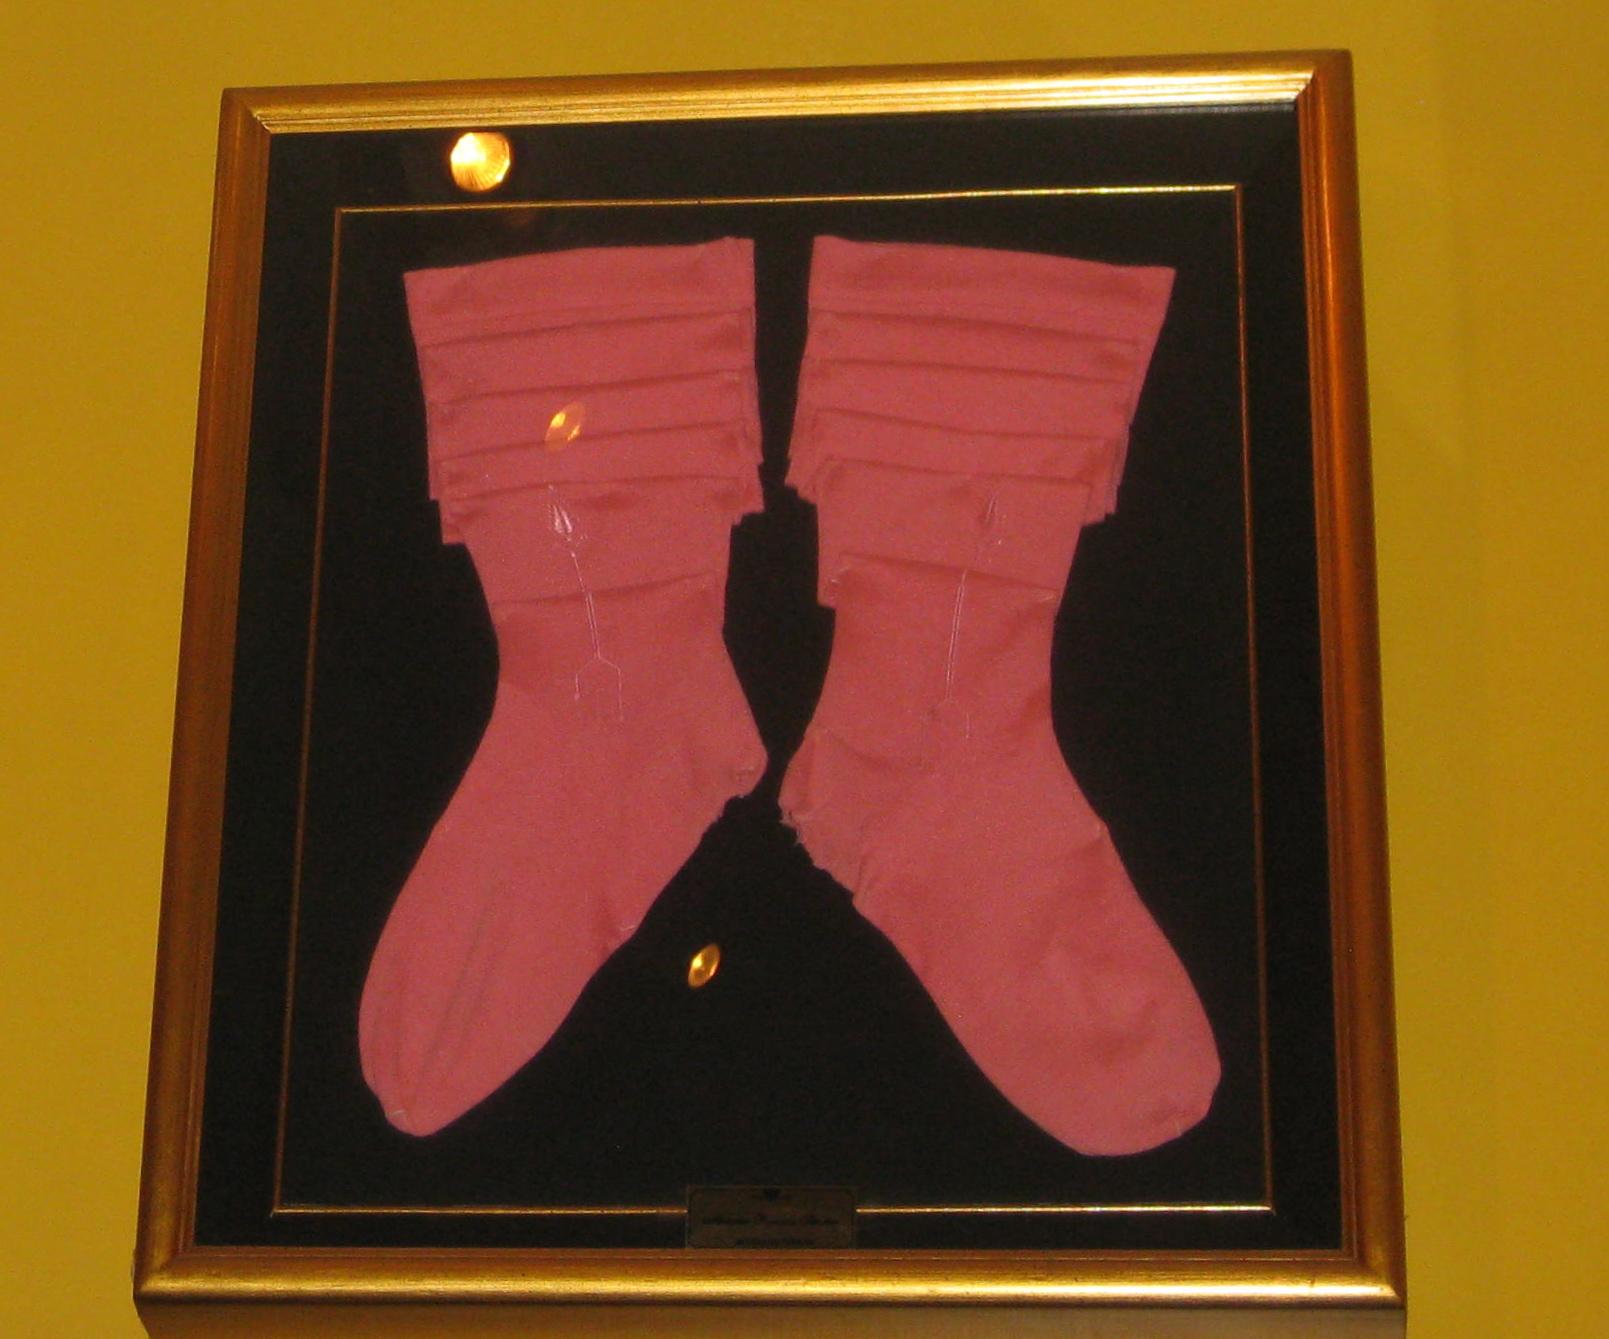 Pink Bullfighter Socks